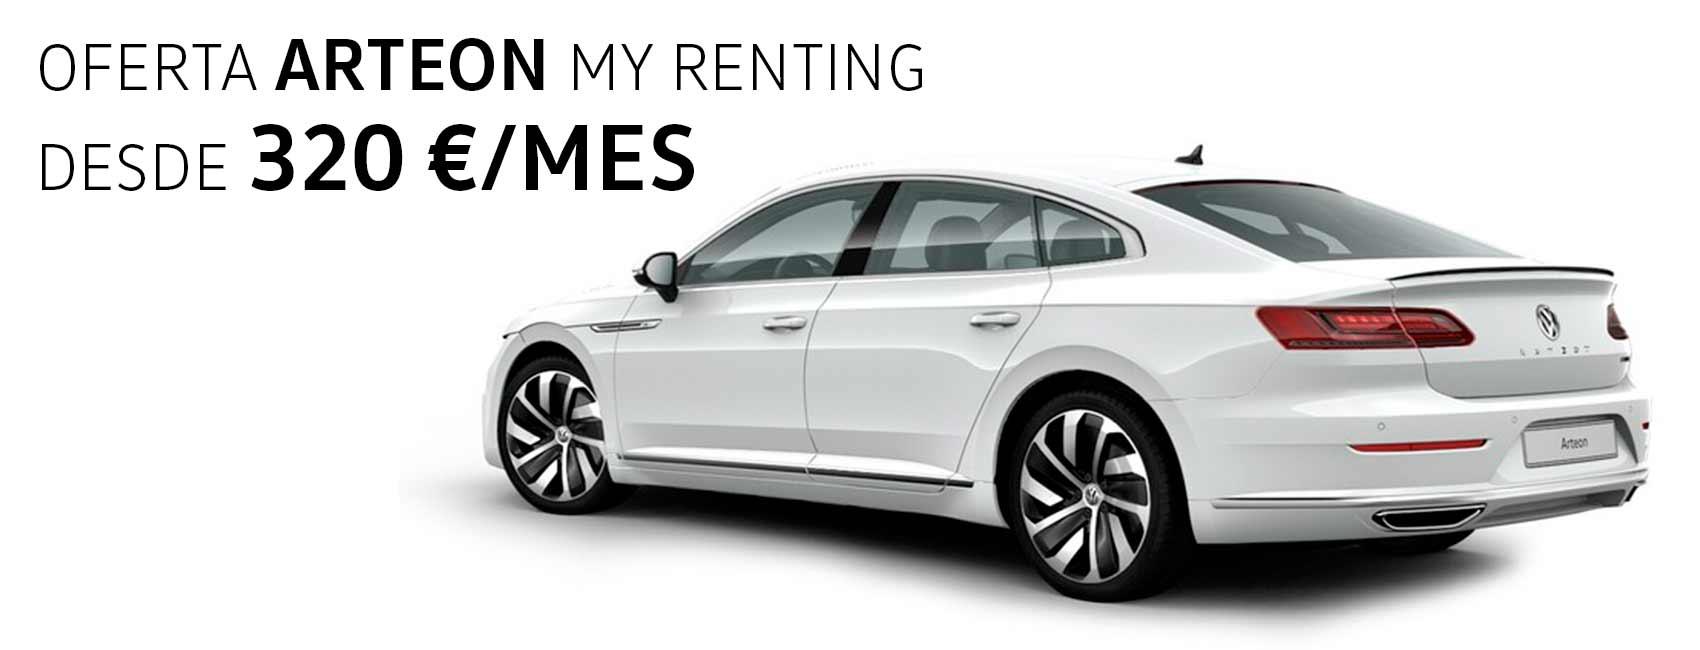 Renting Arteon volkswagen